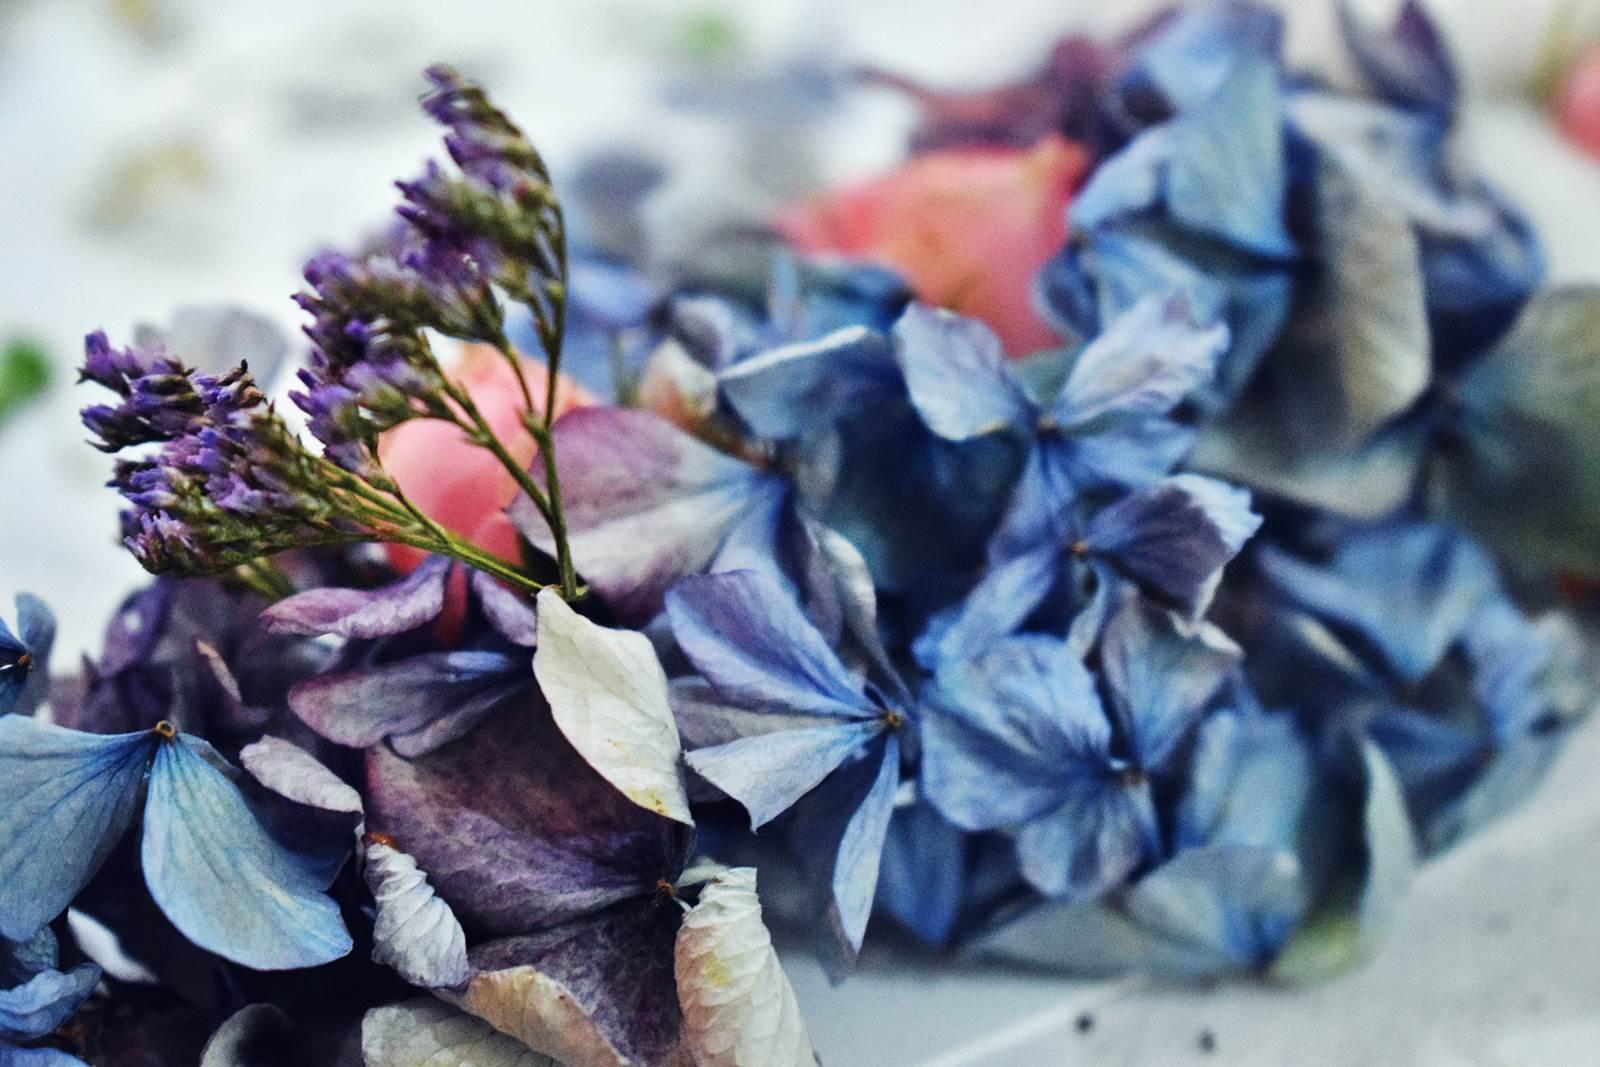 Atelier couronnes fleur photos chateaubriant 6